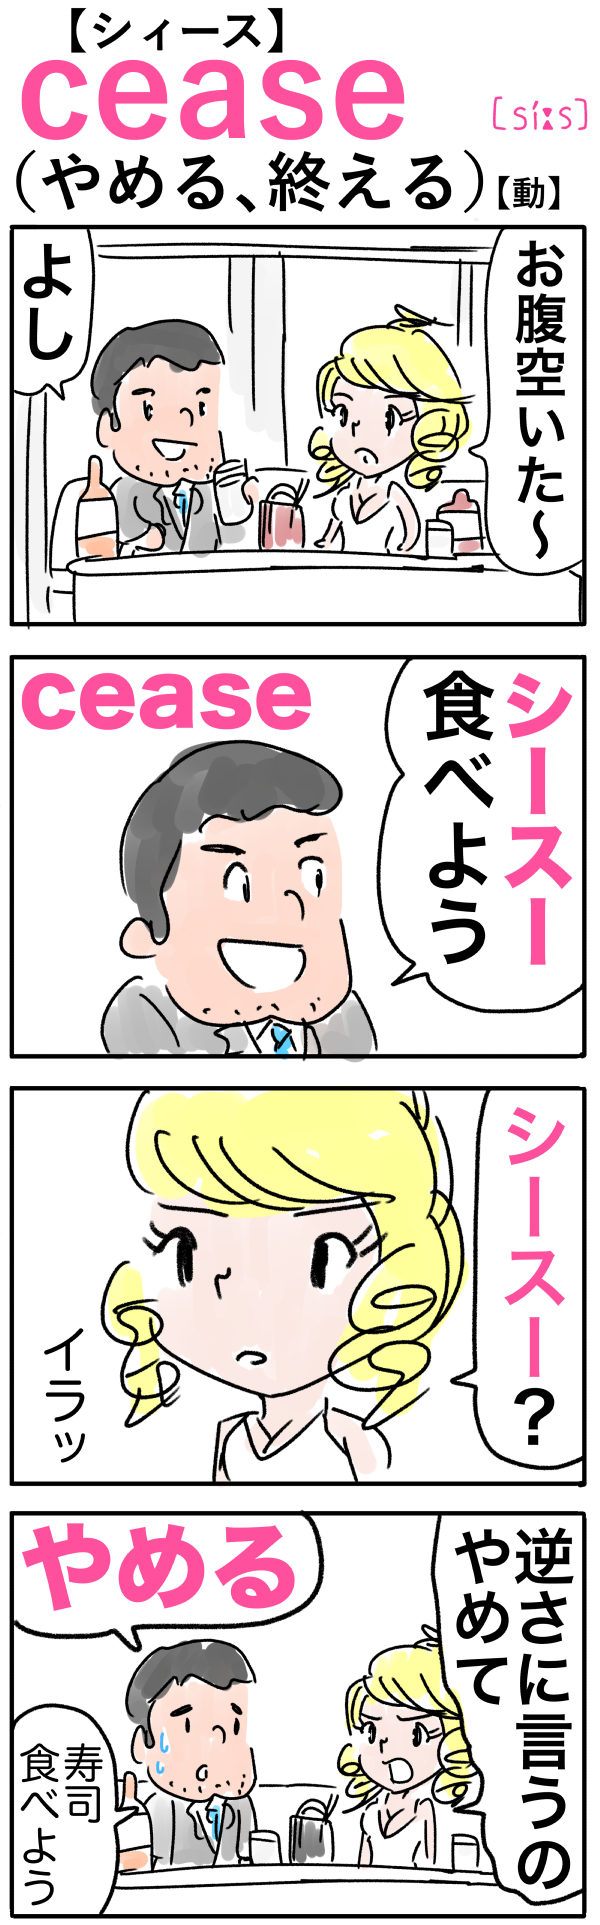 cease(やめる)の語呂合わせ英単語